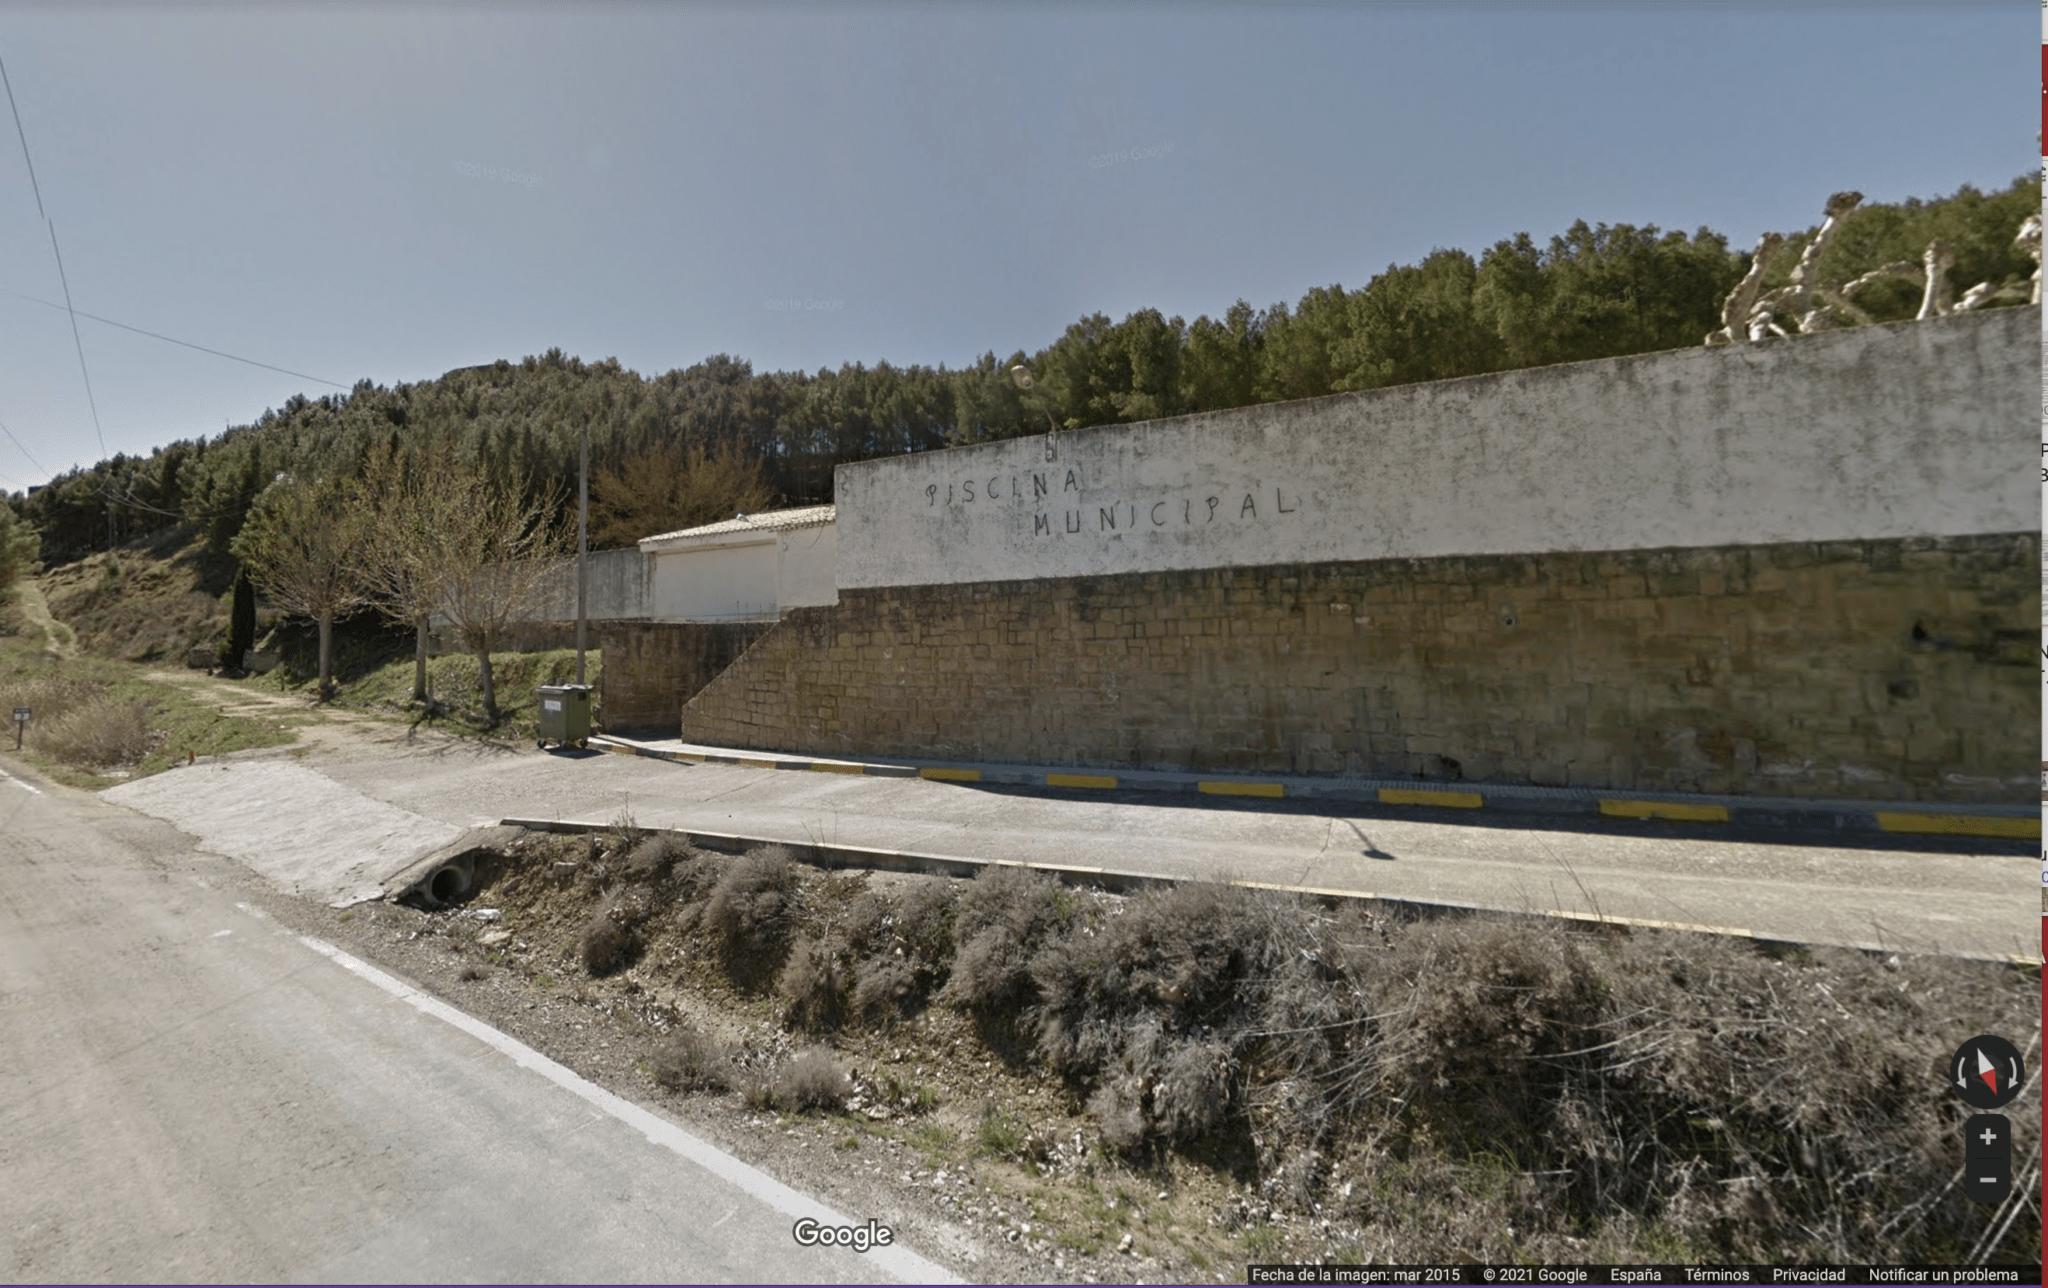 Nuevo accidente de  trabajo mortal  en la provincia de Zaragoza